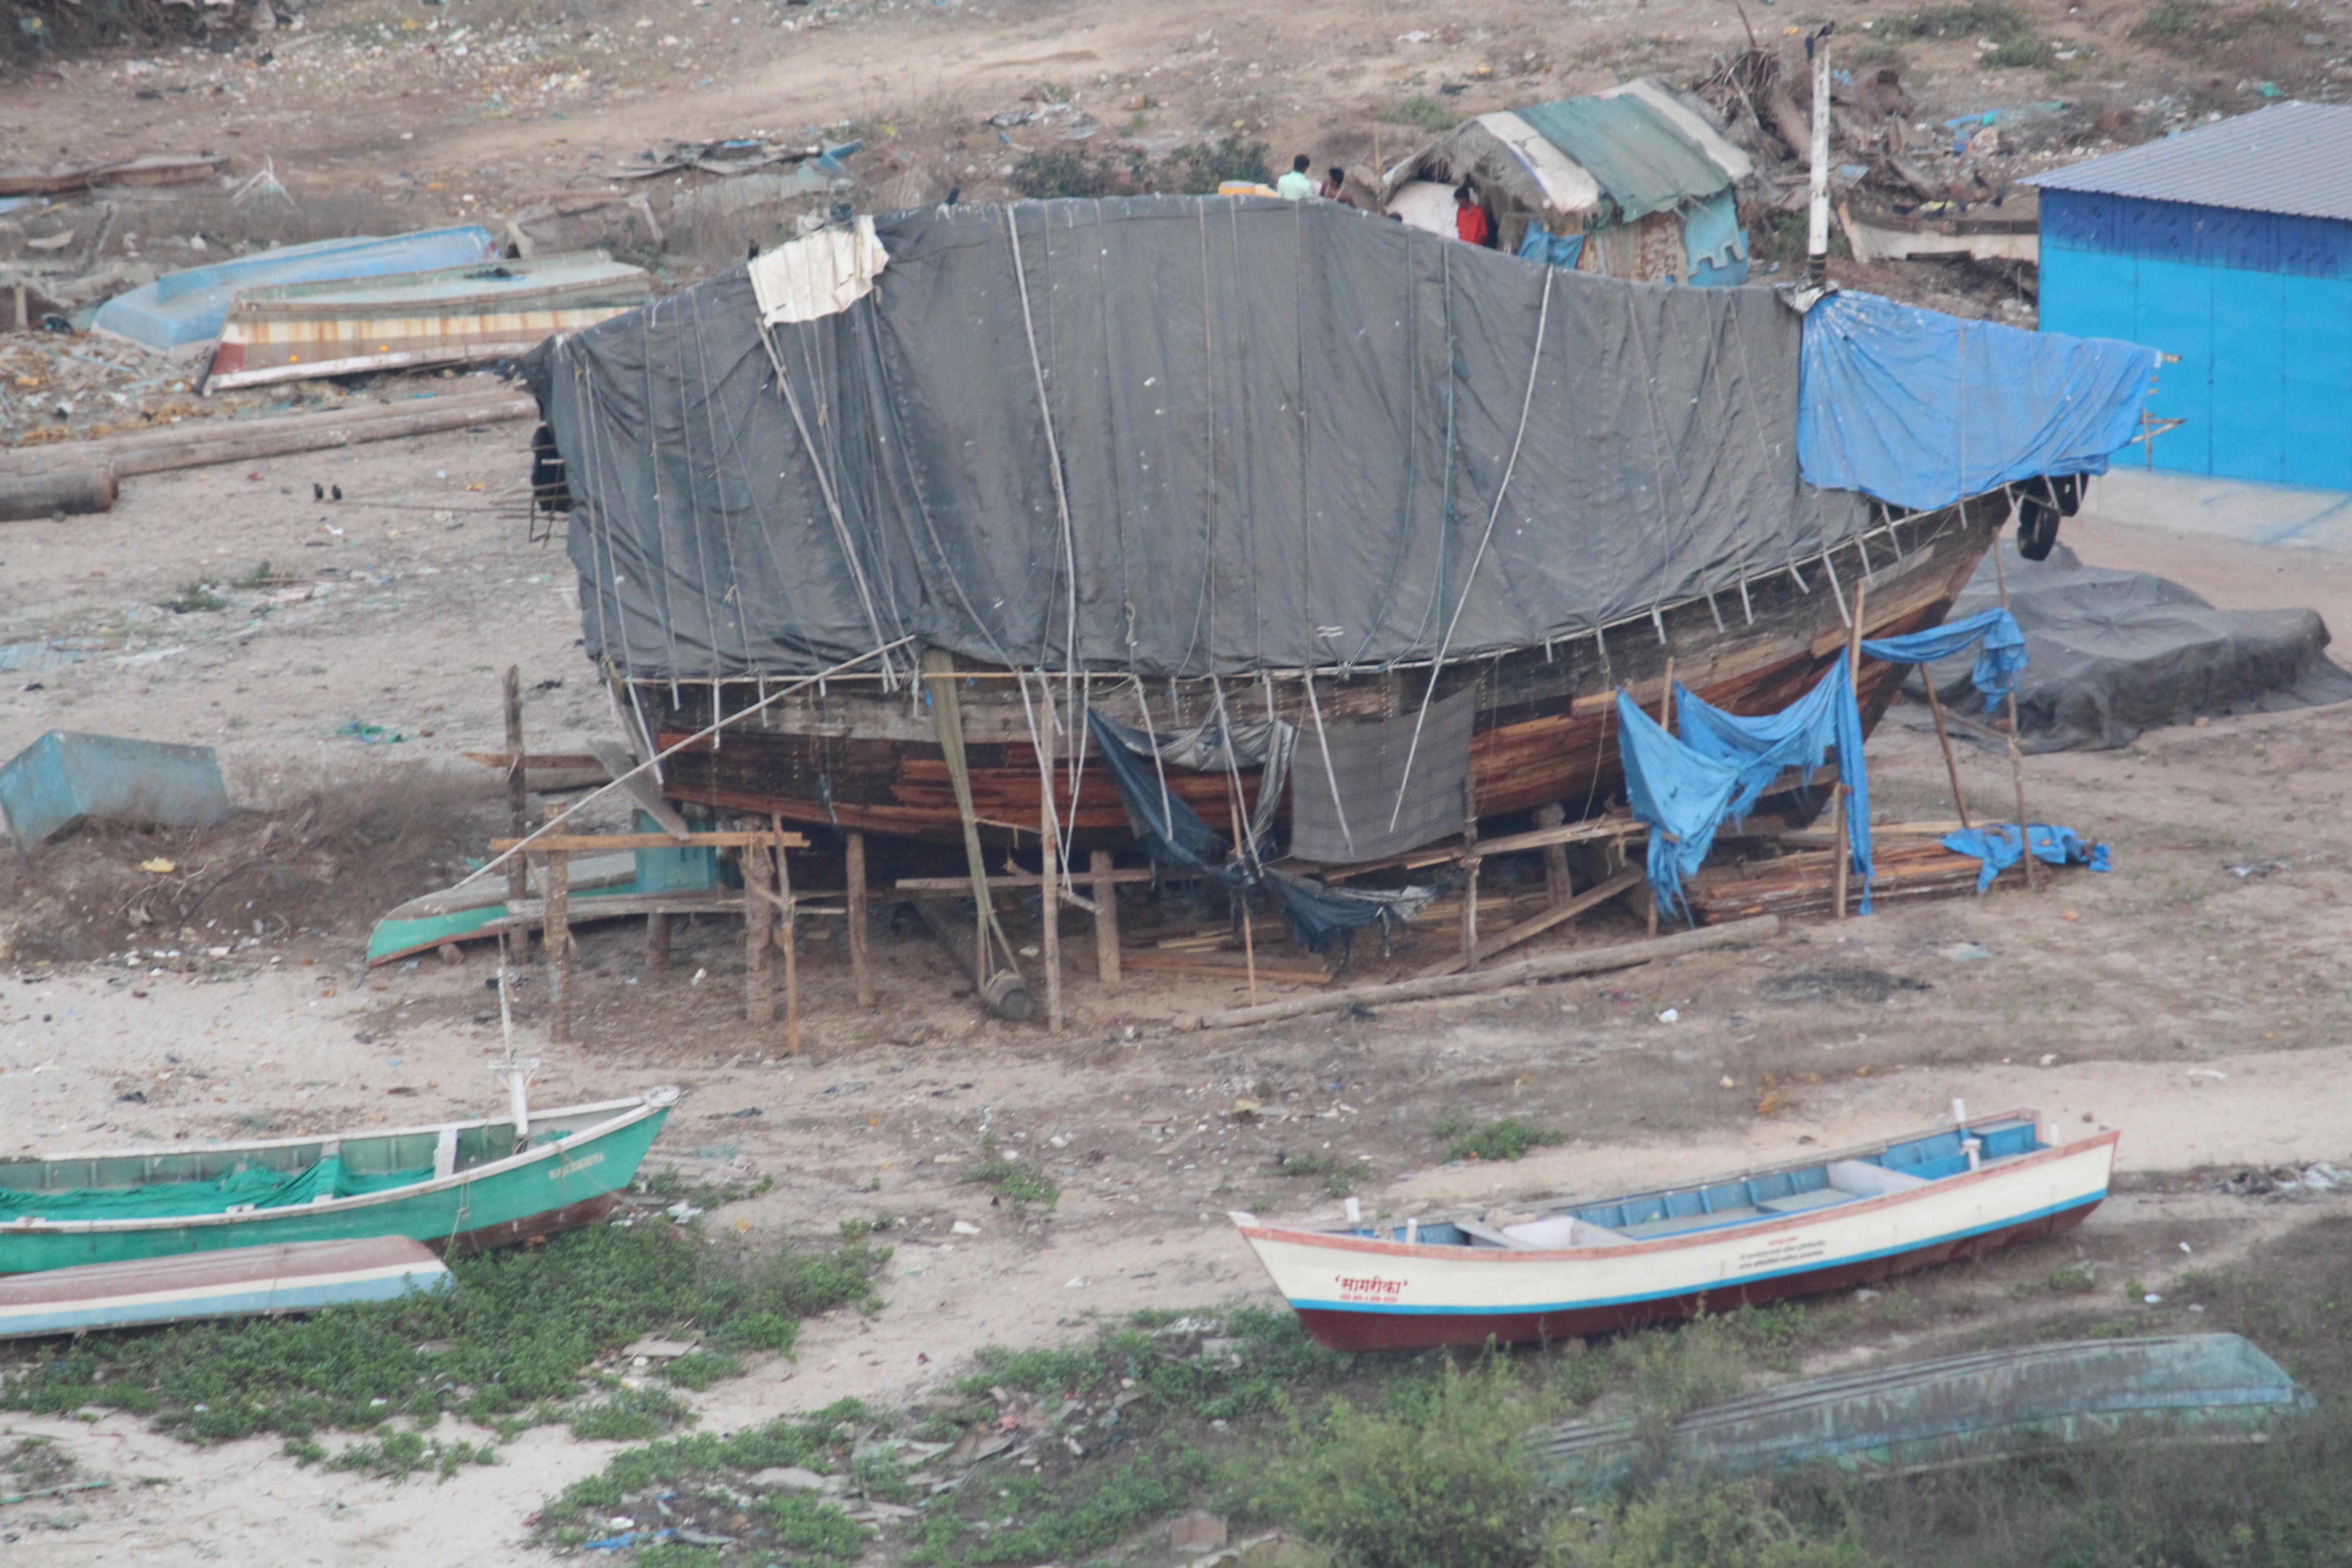 File:Boat building in Bhagwati Bandar, Ratnagiri 02 jpg